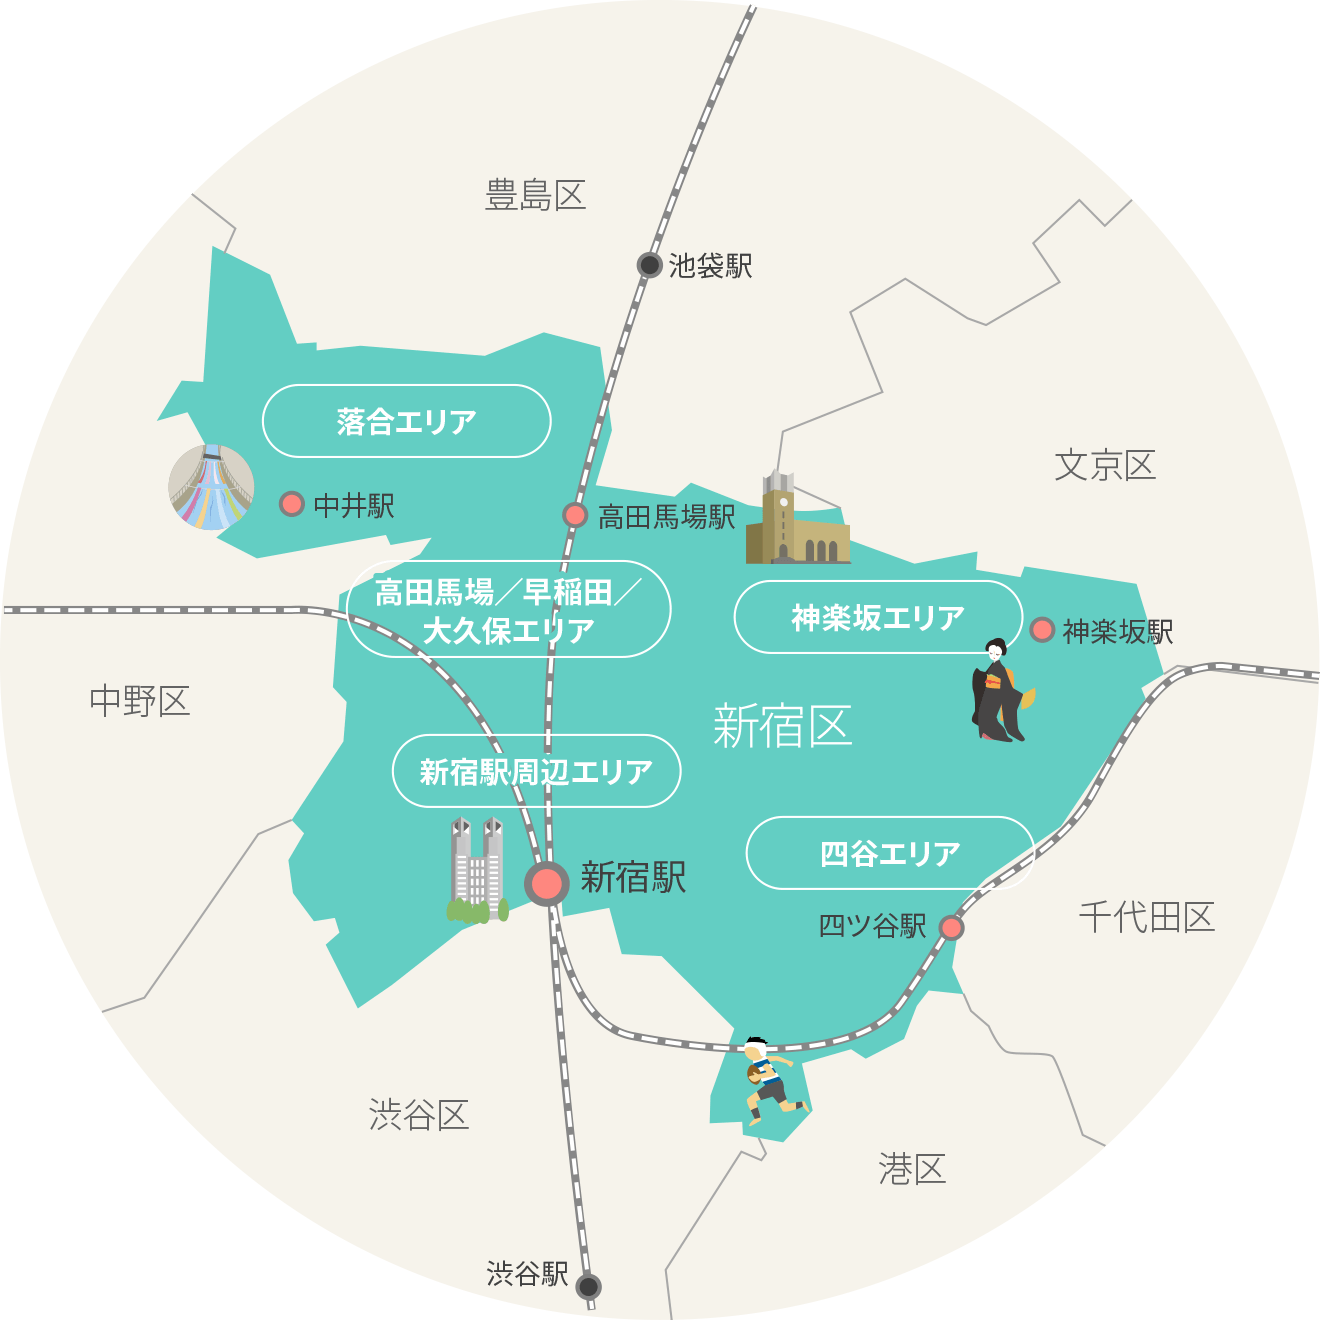 エリア紹介 | 一般社団法人新宿観光振興協会